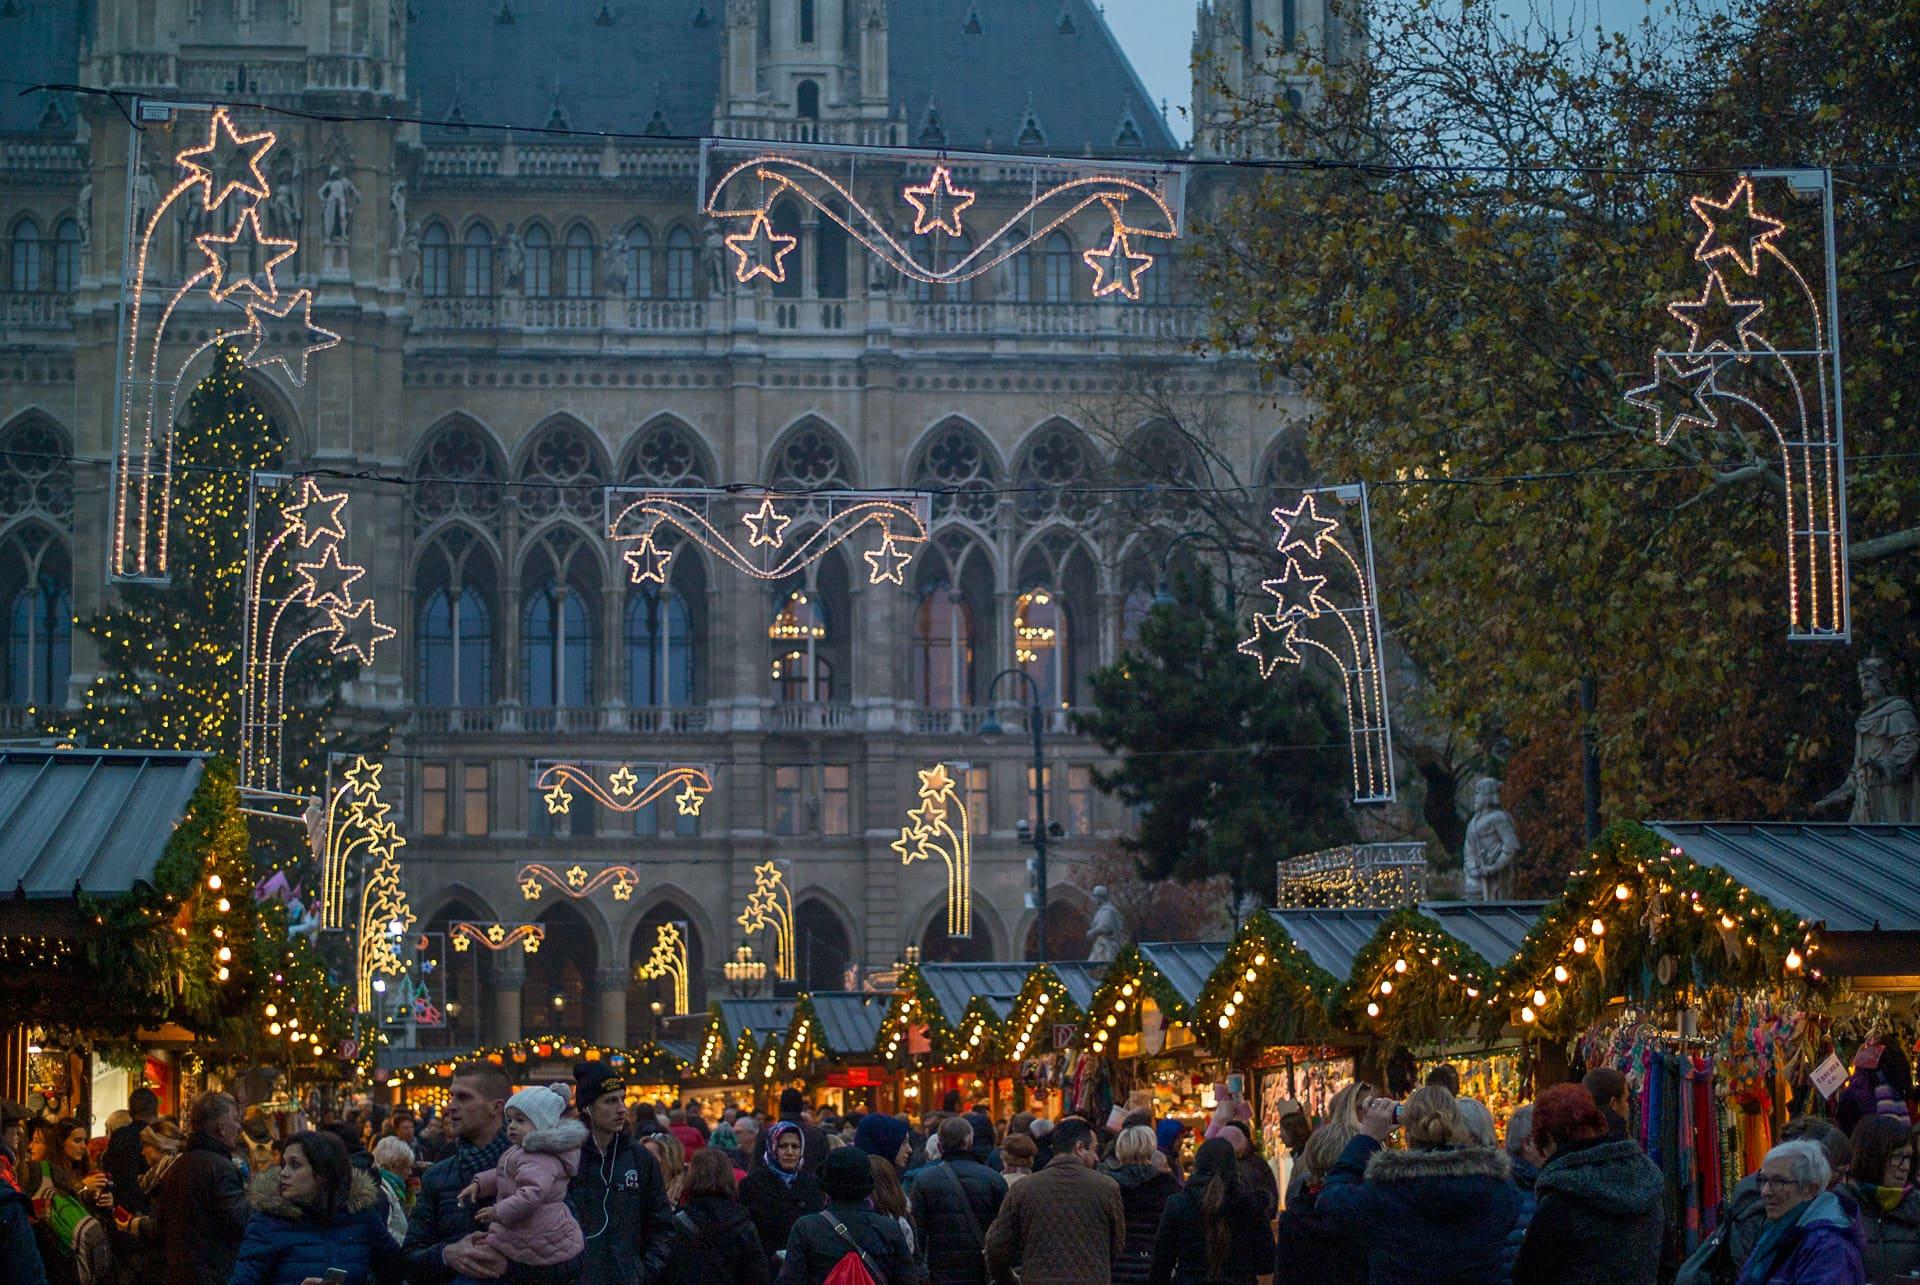 Mercatino di Natale Monaco di Baviera a Marienplatz